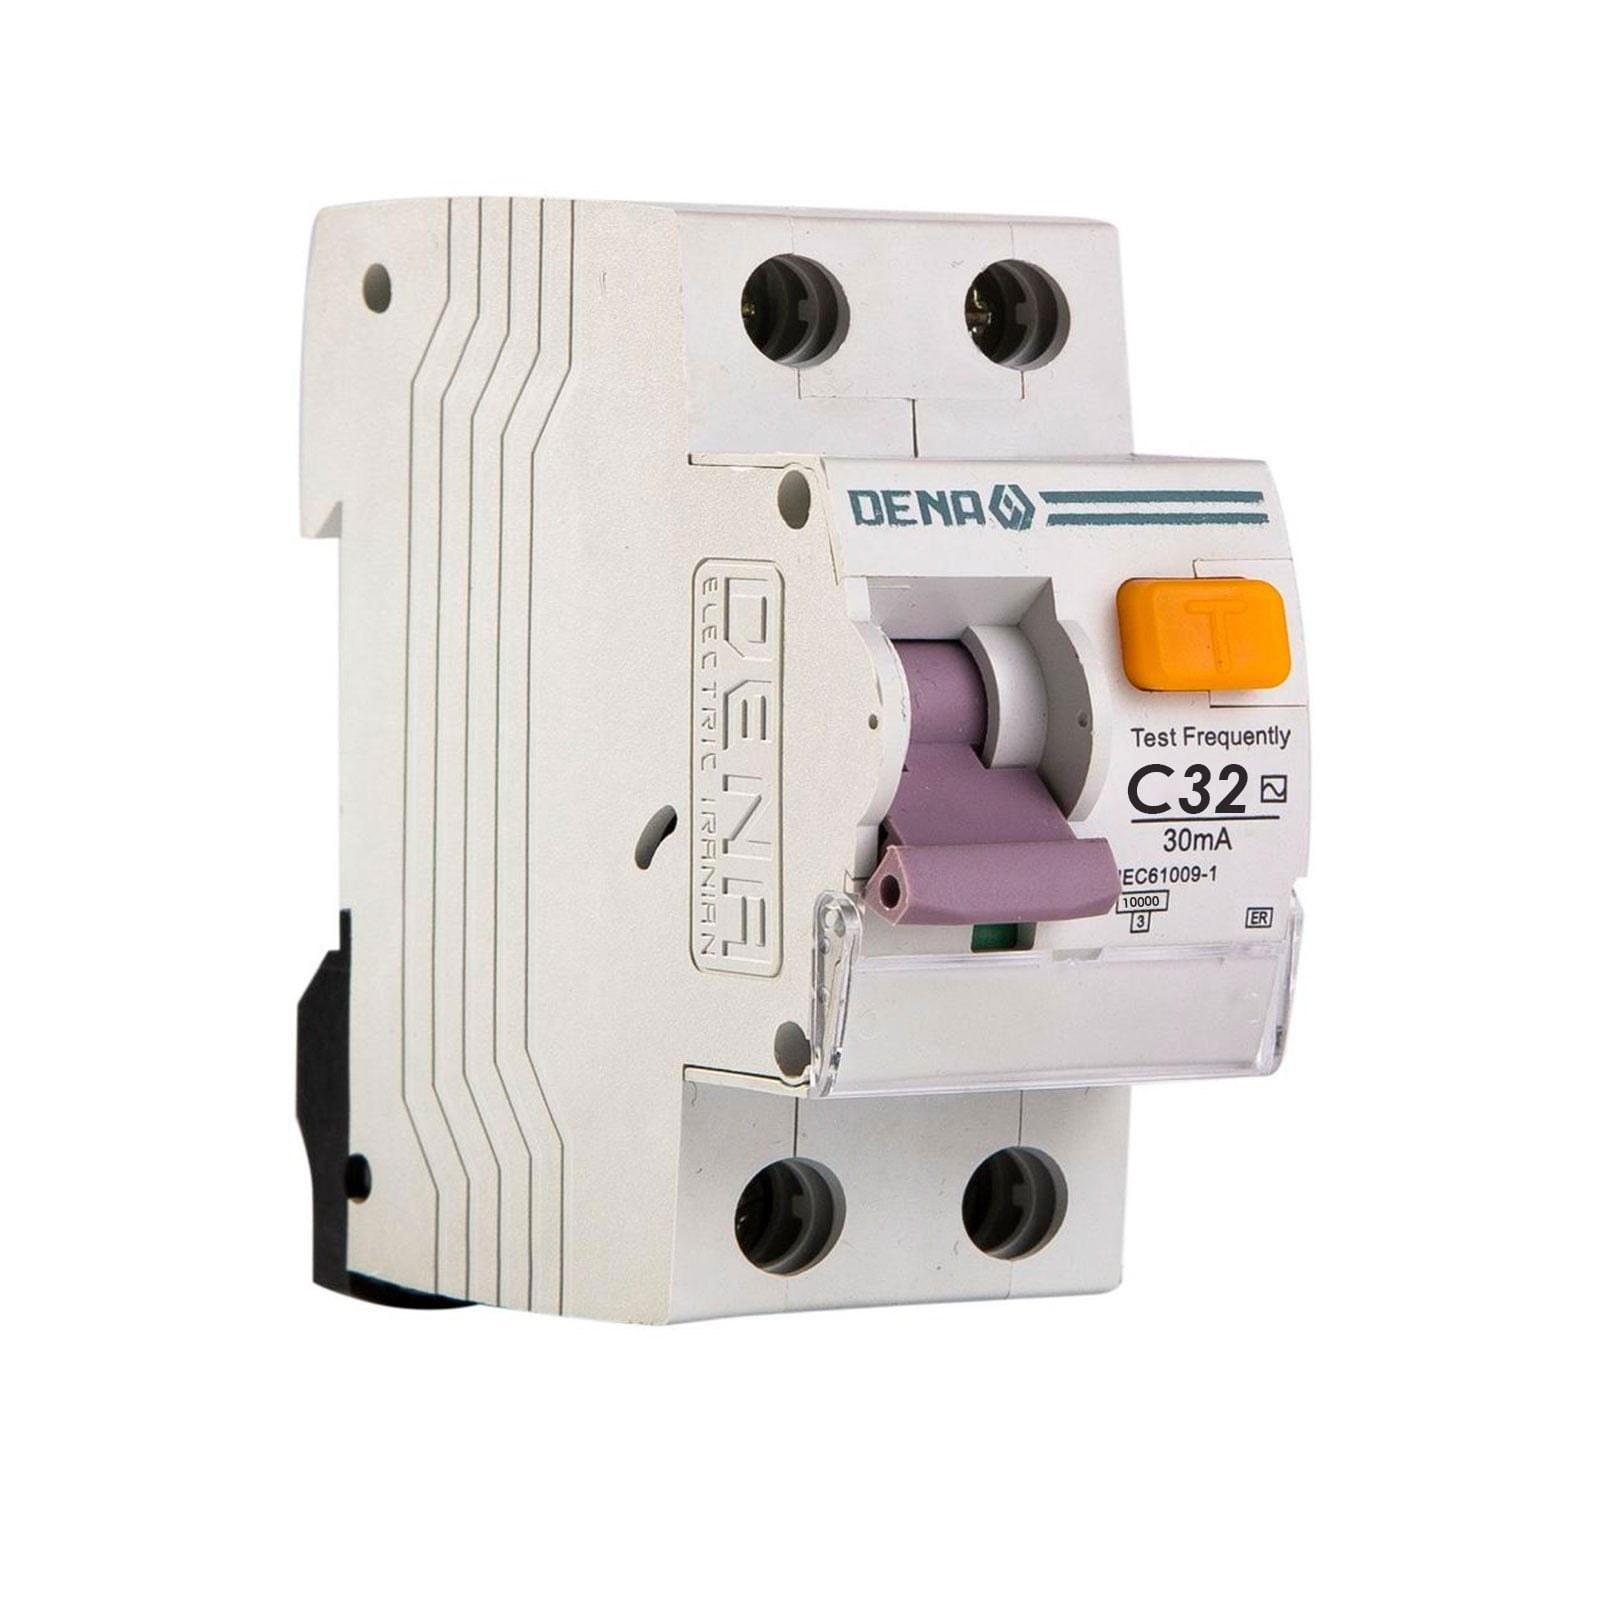 تصویر کلید محافظ جان ترکیبی 32 آمپر الکتریک دنا الکتریک مدل C32-10K ER